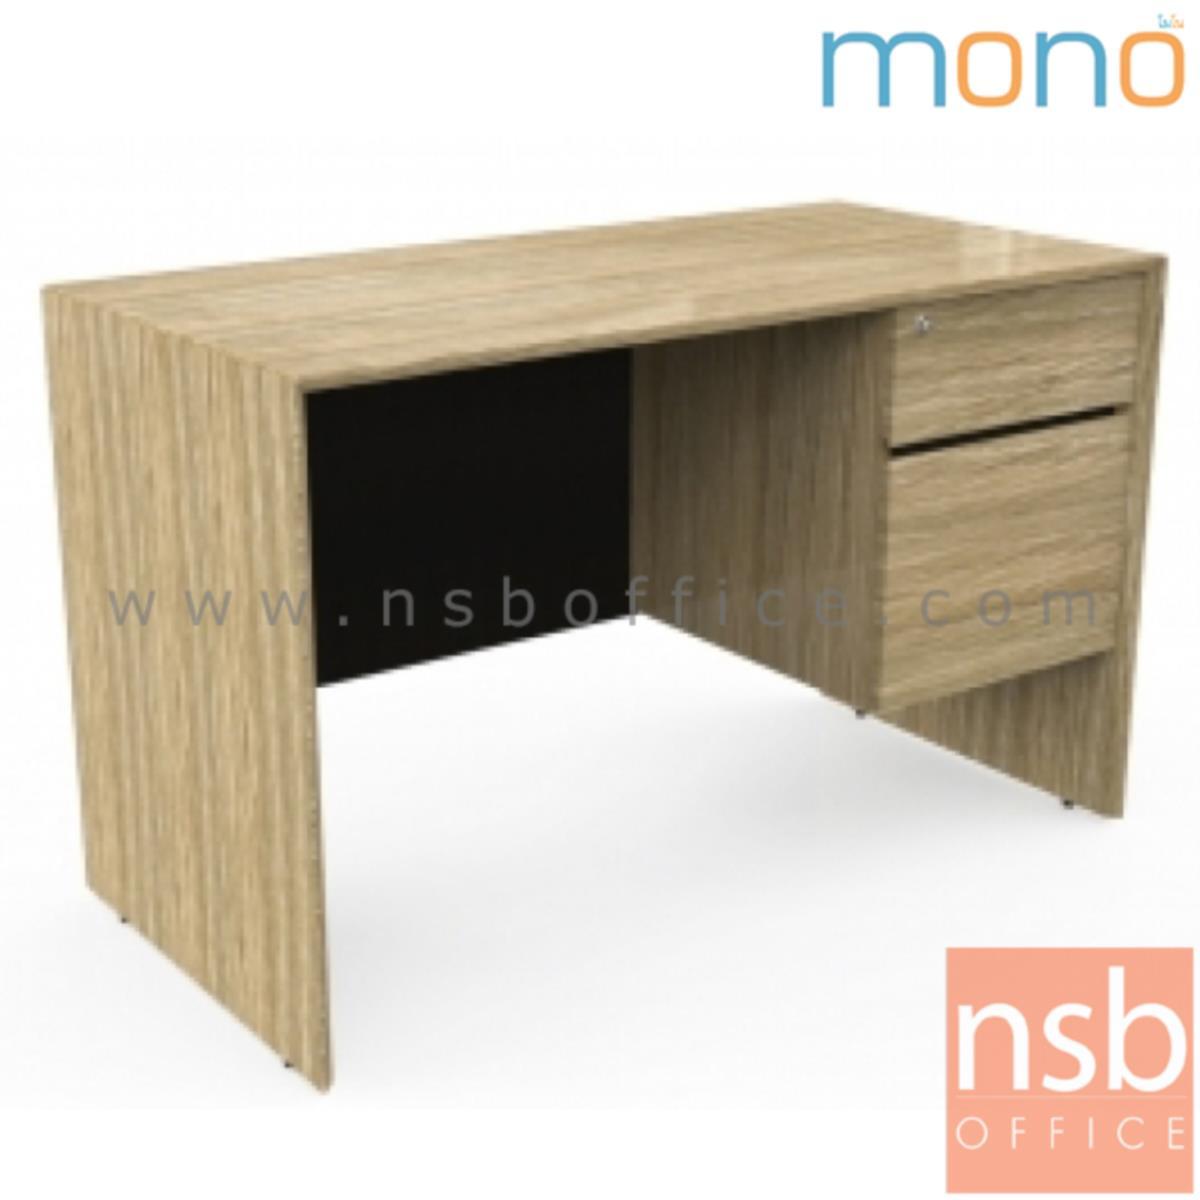 A13A209:โต๊ะทำงาน 2 ลิ้นชัก รุ่น Wishbone (วิสโบน) ขนาด 120W cm. เมลามีน